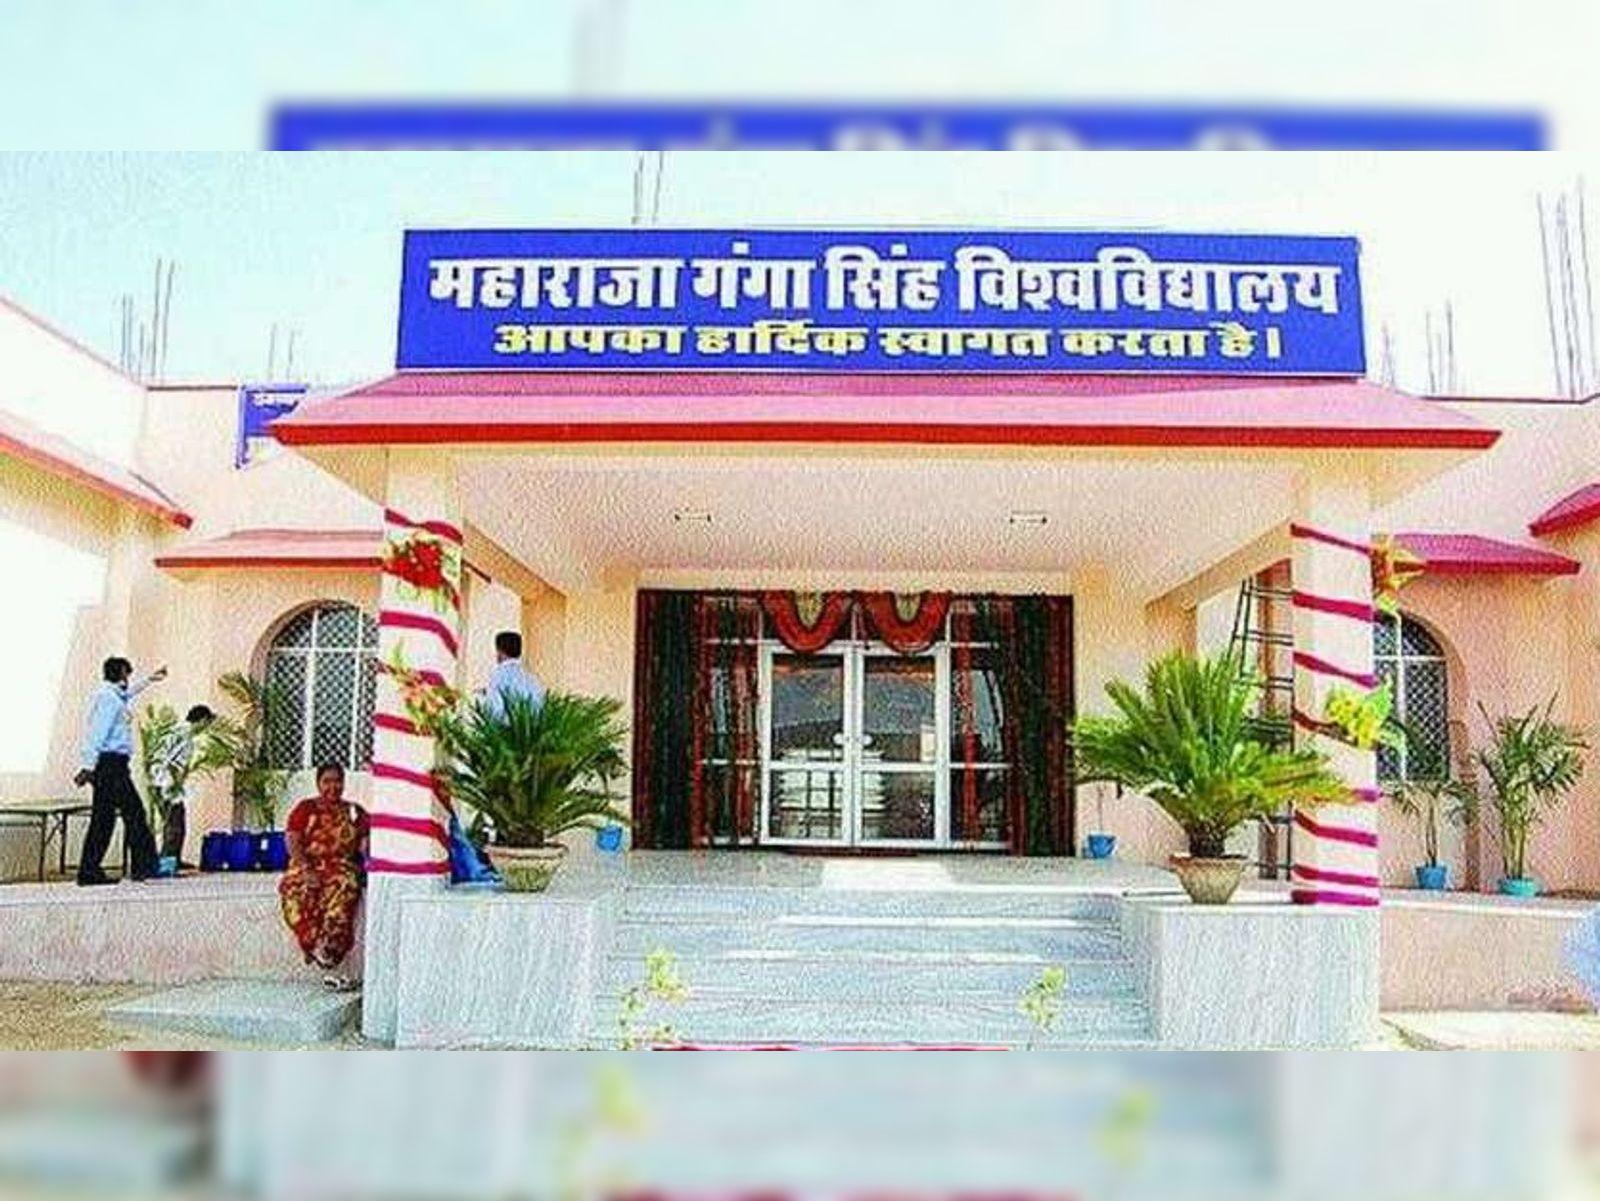 पीजी फाइनल की परीक्षा में लगभग 45 हजार परीक्षार्थी शामिल होंगे। - Dainik Bhaskar